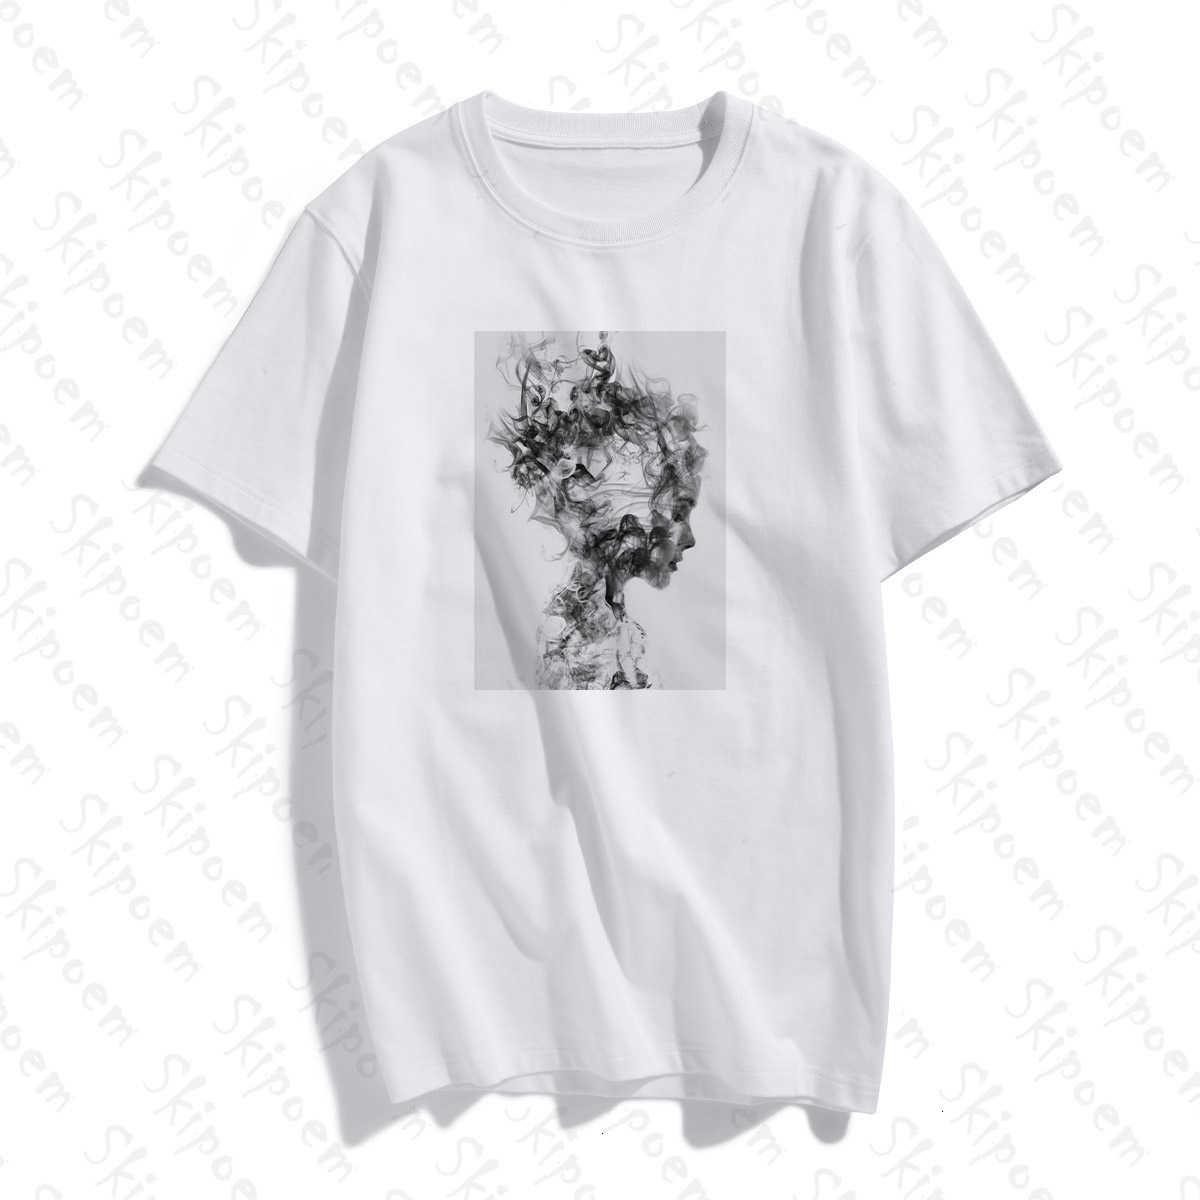 Modernistischen Sexy Dame Feder Schmetterling T-shirt Frauen Koreanische Stil Tumblr Ästhetischen Kurzarm Plus Größe Baumwolle Top Tees Kleidung